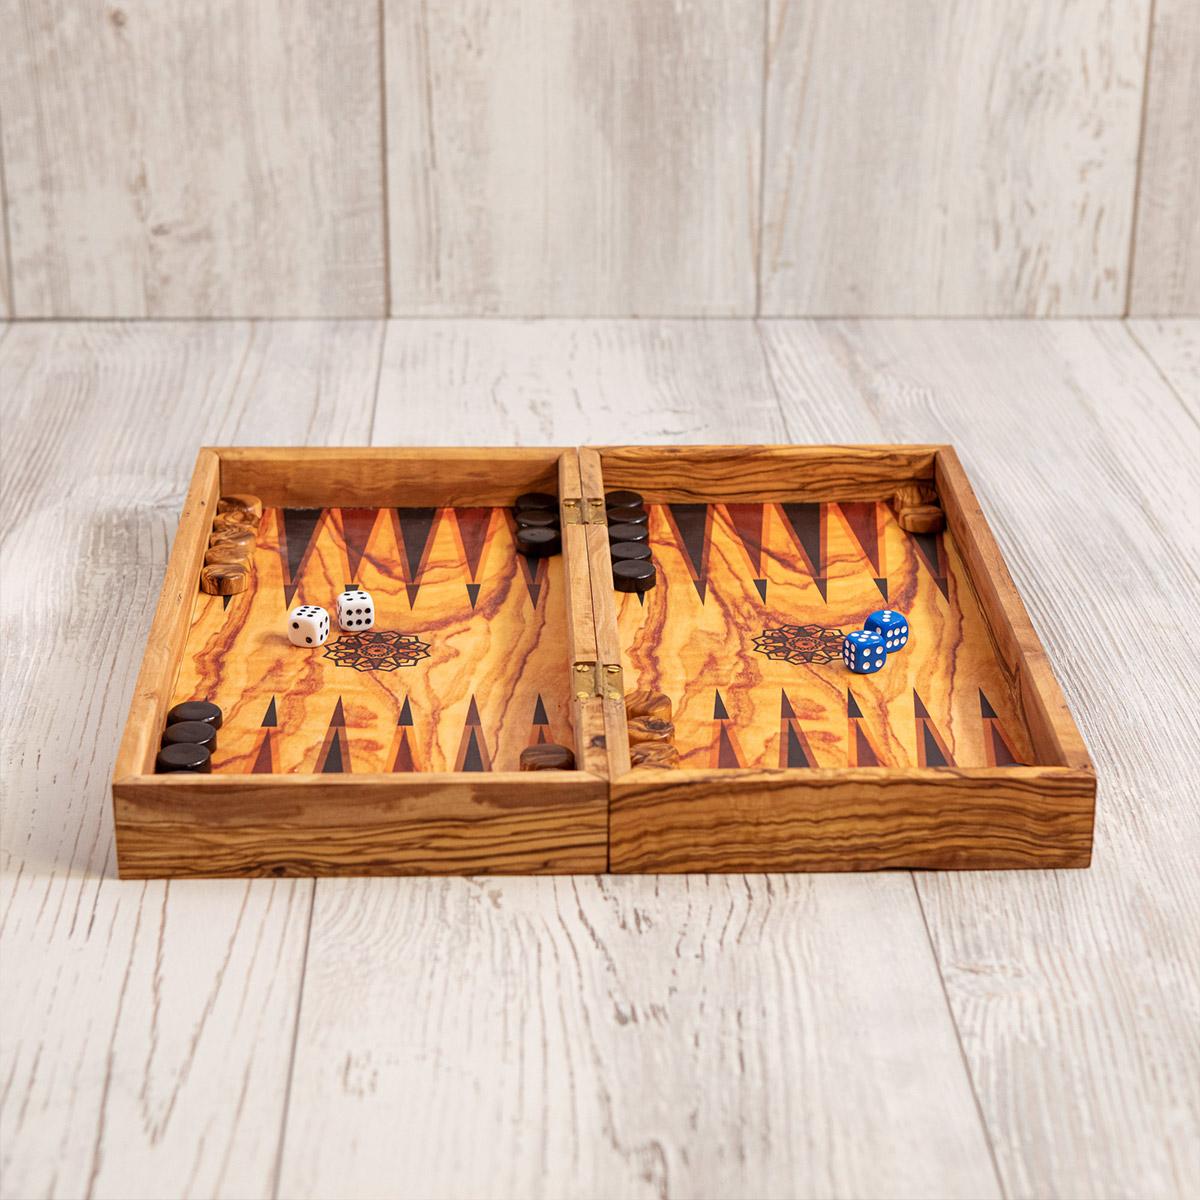 Gioco backgammon, dama e scacchi - Artelegno